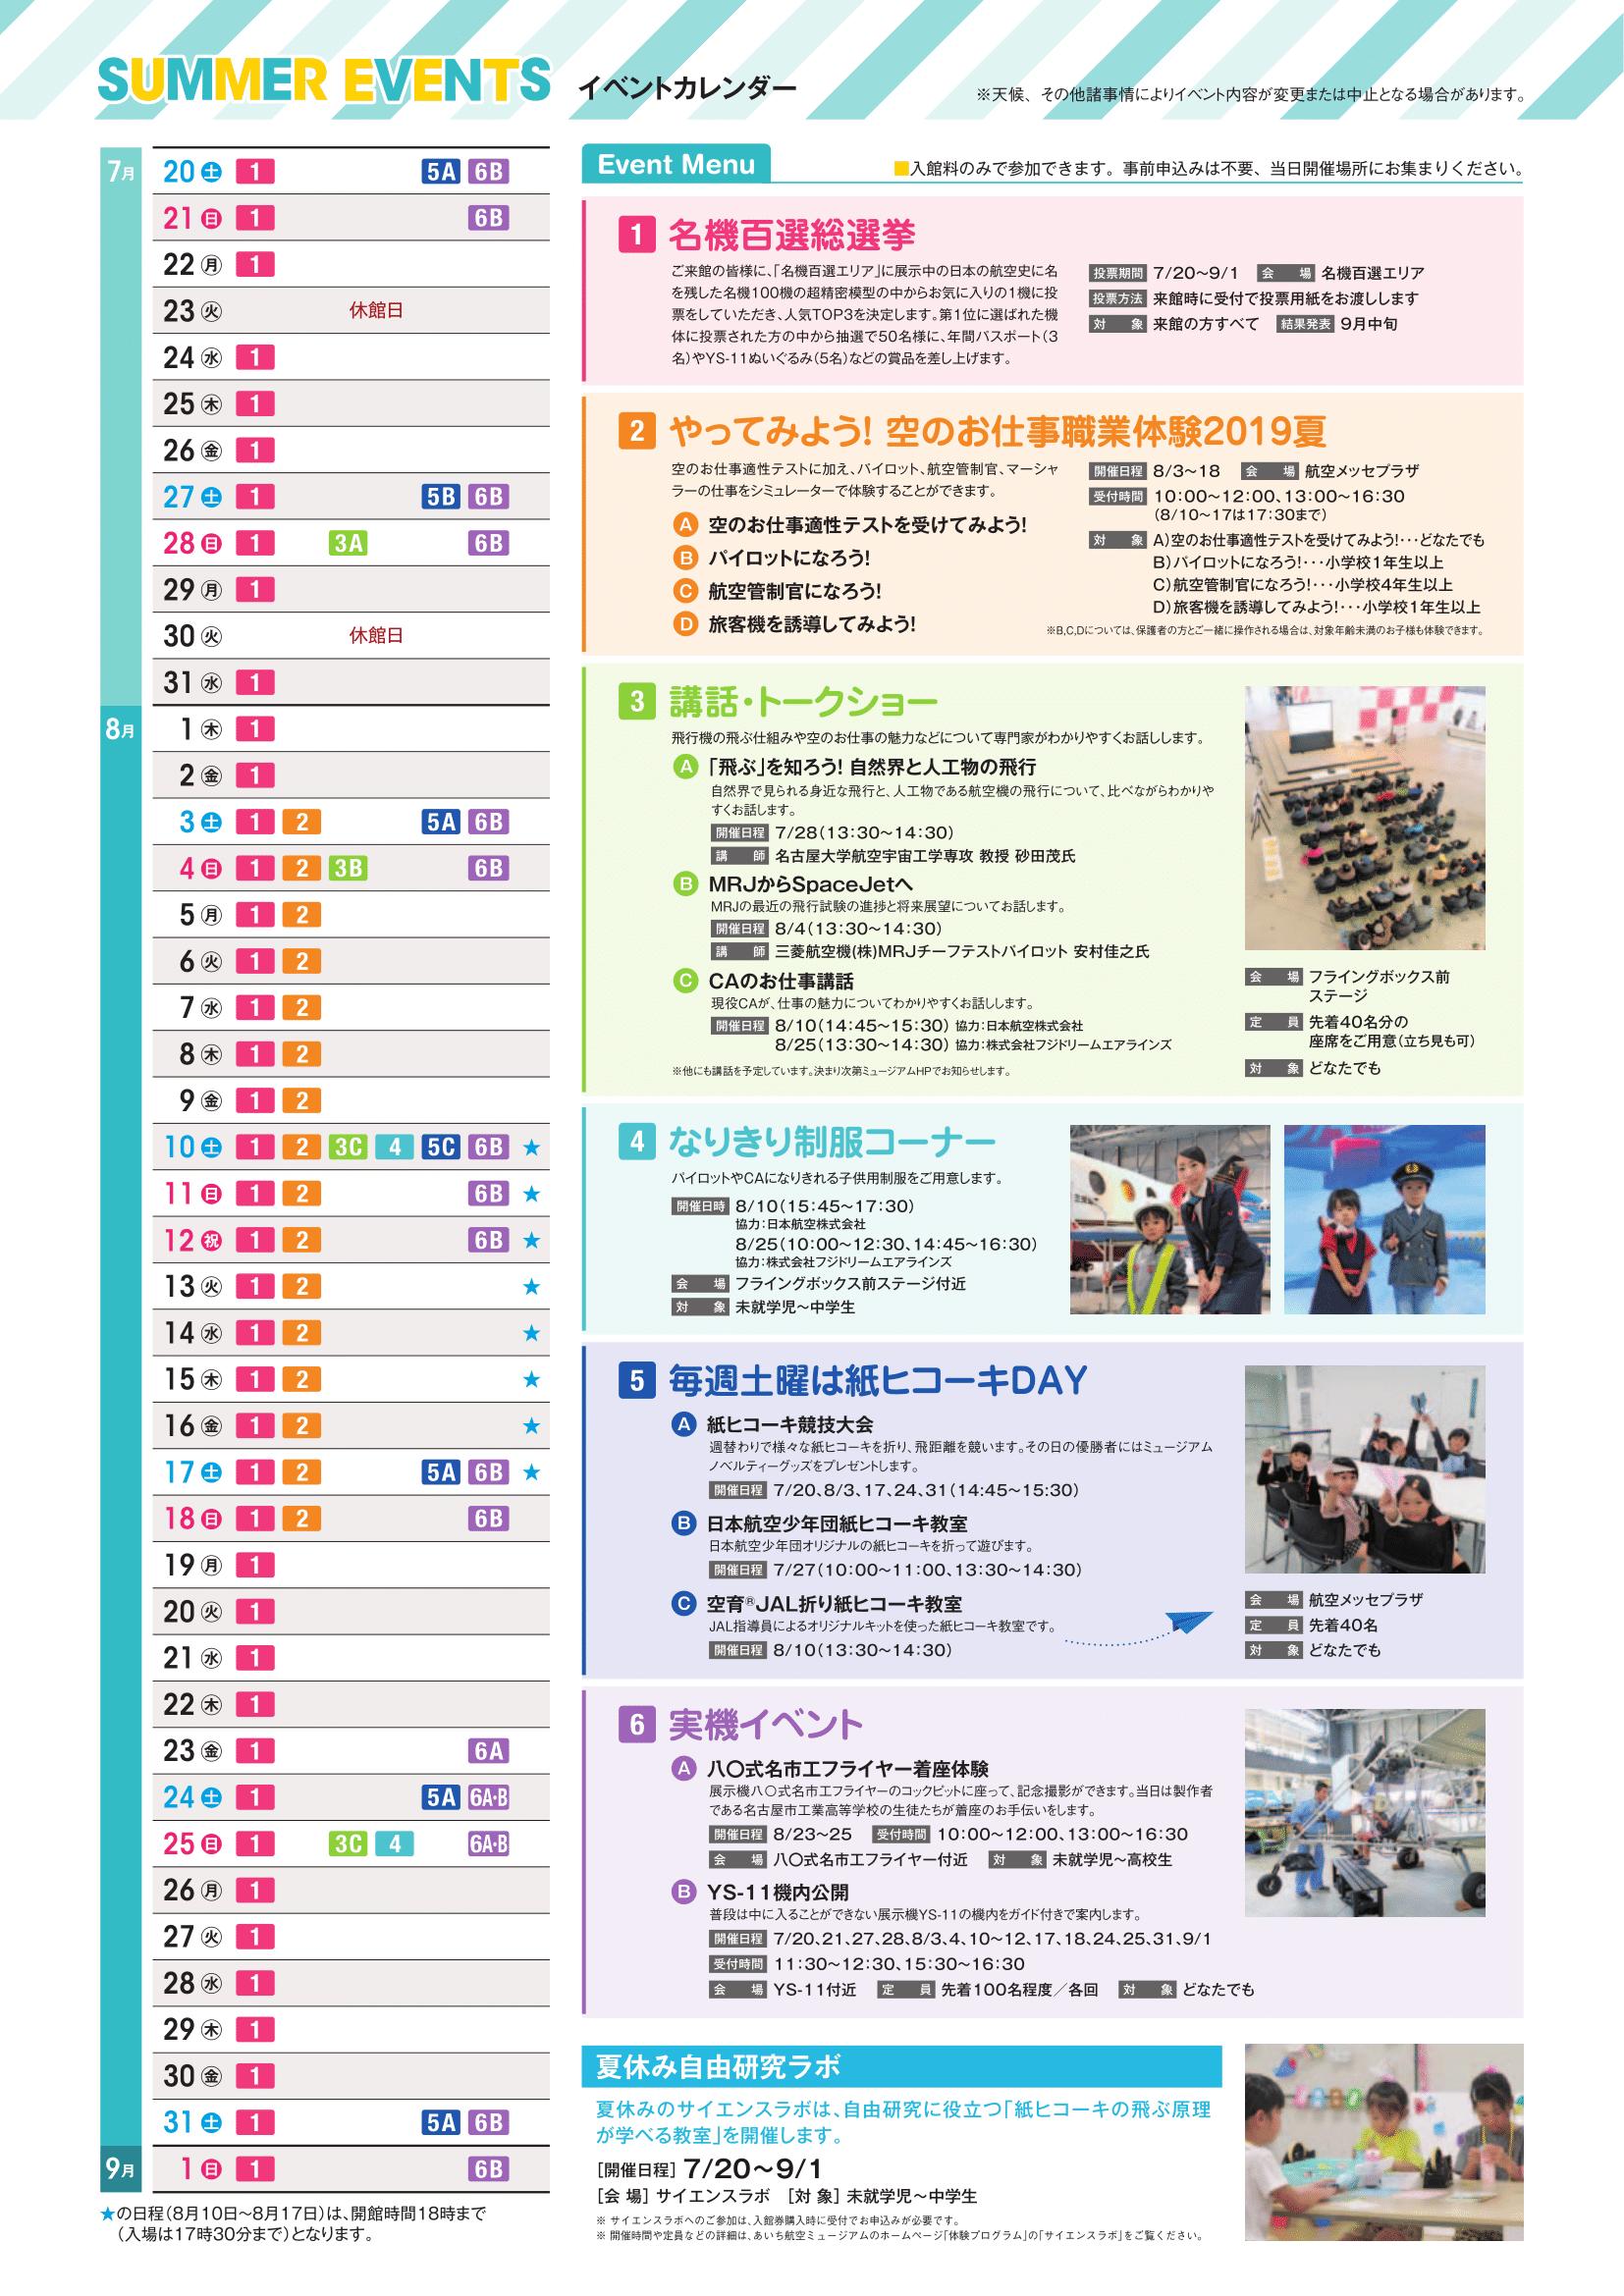 【最終】夏休みイベントチラシ_190703-2.png